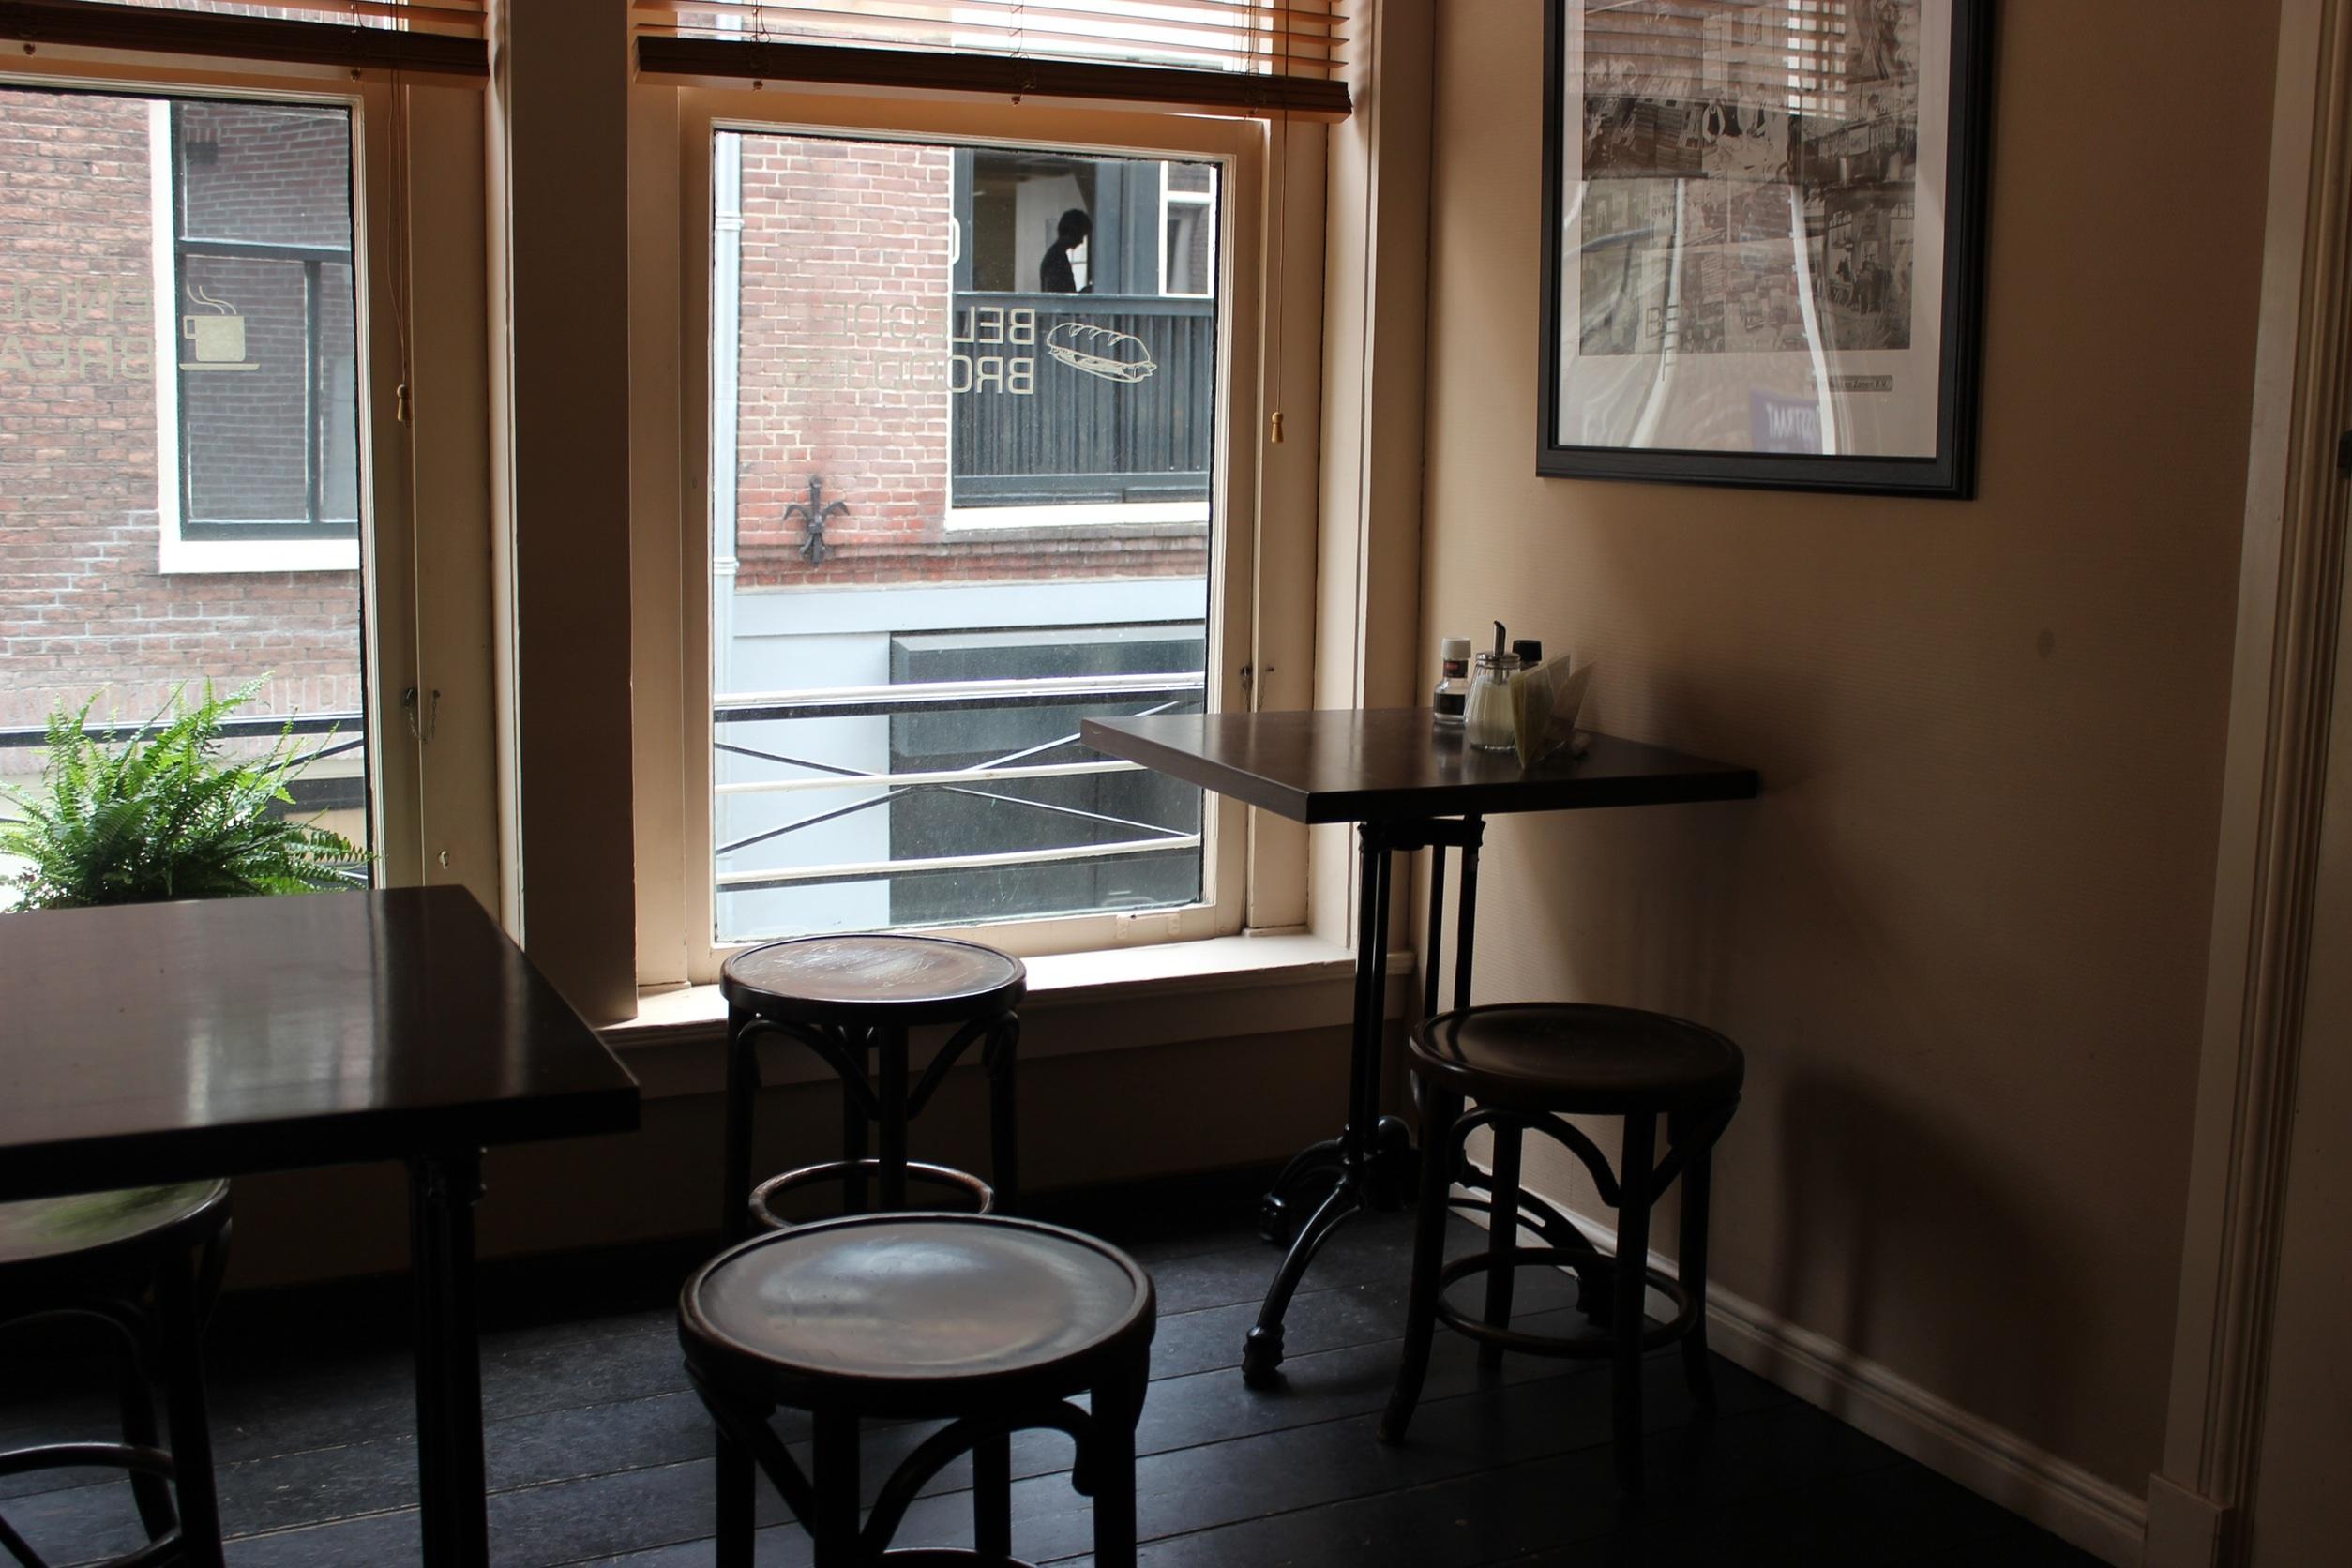 Gratis Afbeeldingen : cafe, huis, verdieping, zitplaats, venster ...